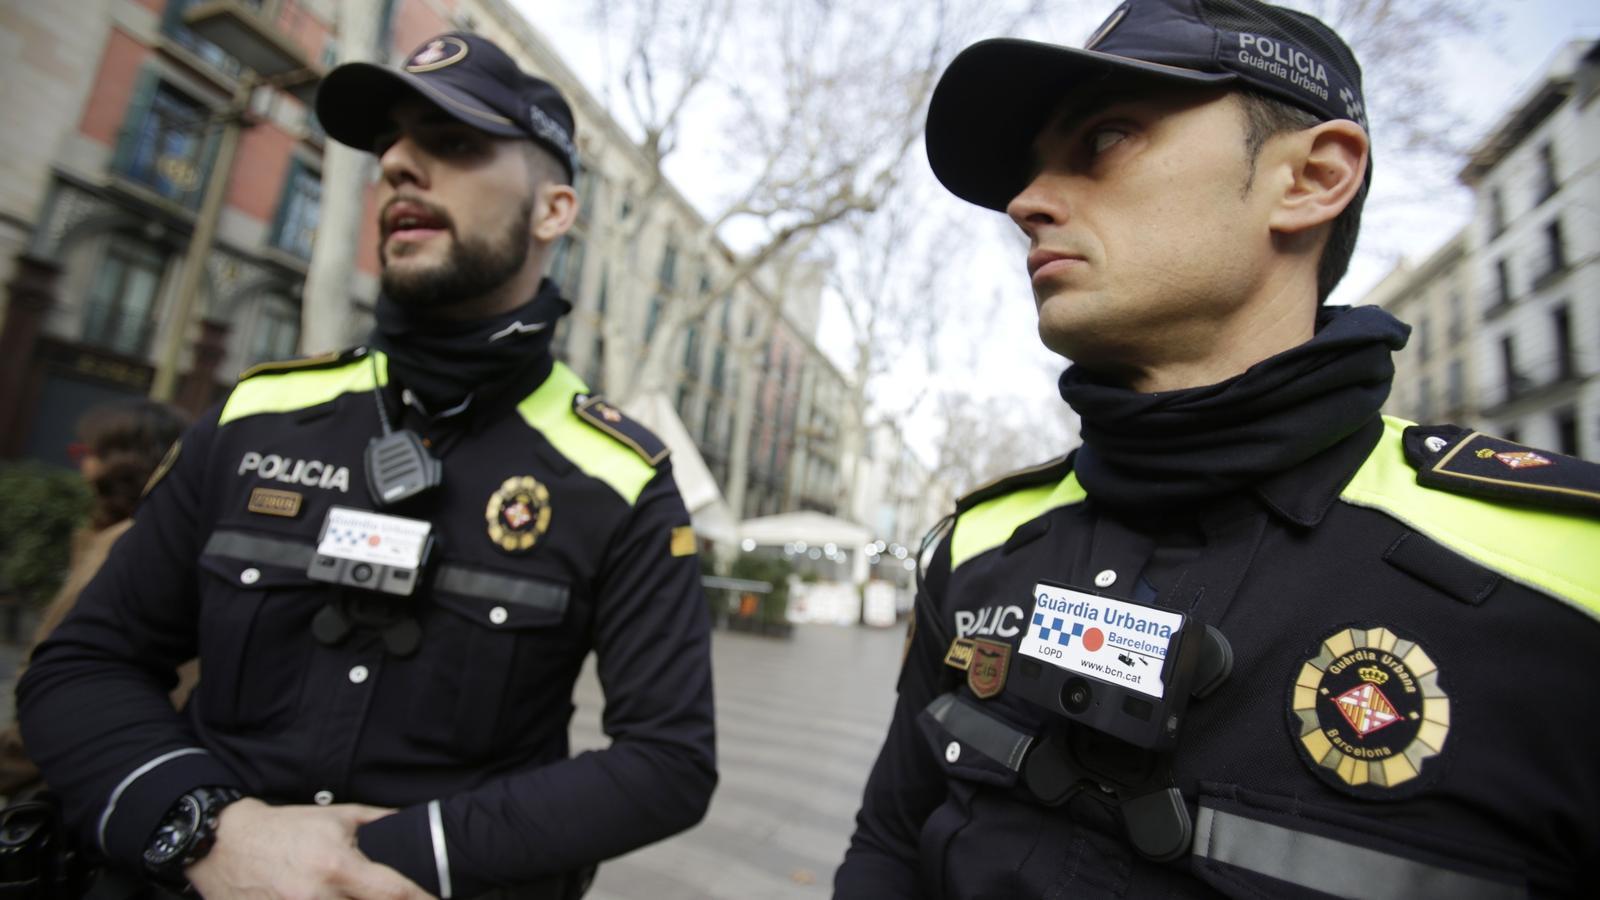 Dos agents de la Guàrdia Urbana de Barcelona amb un dels models de càmeres unipersonals al pit